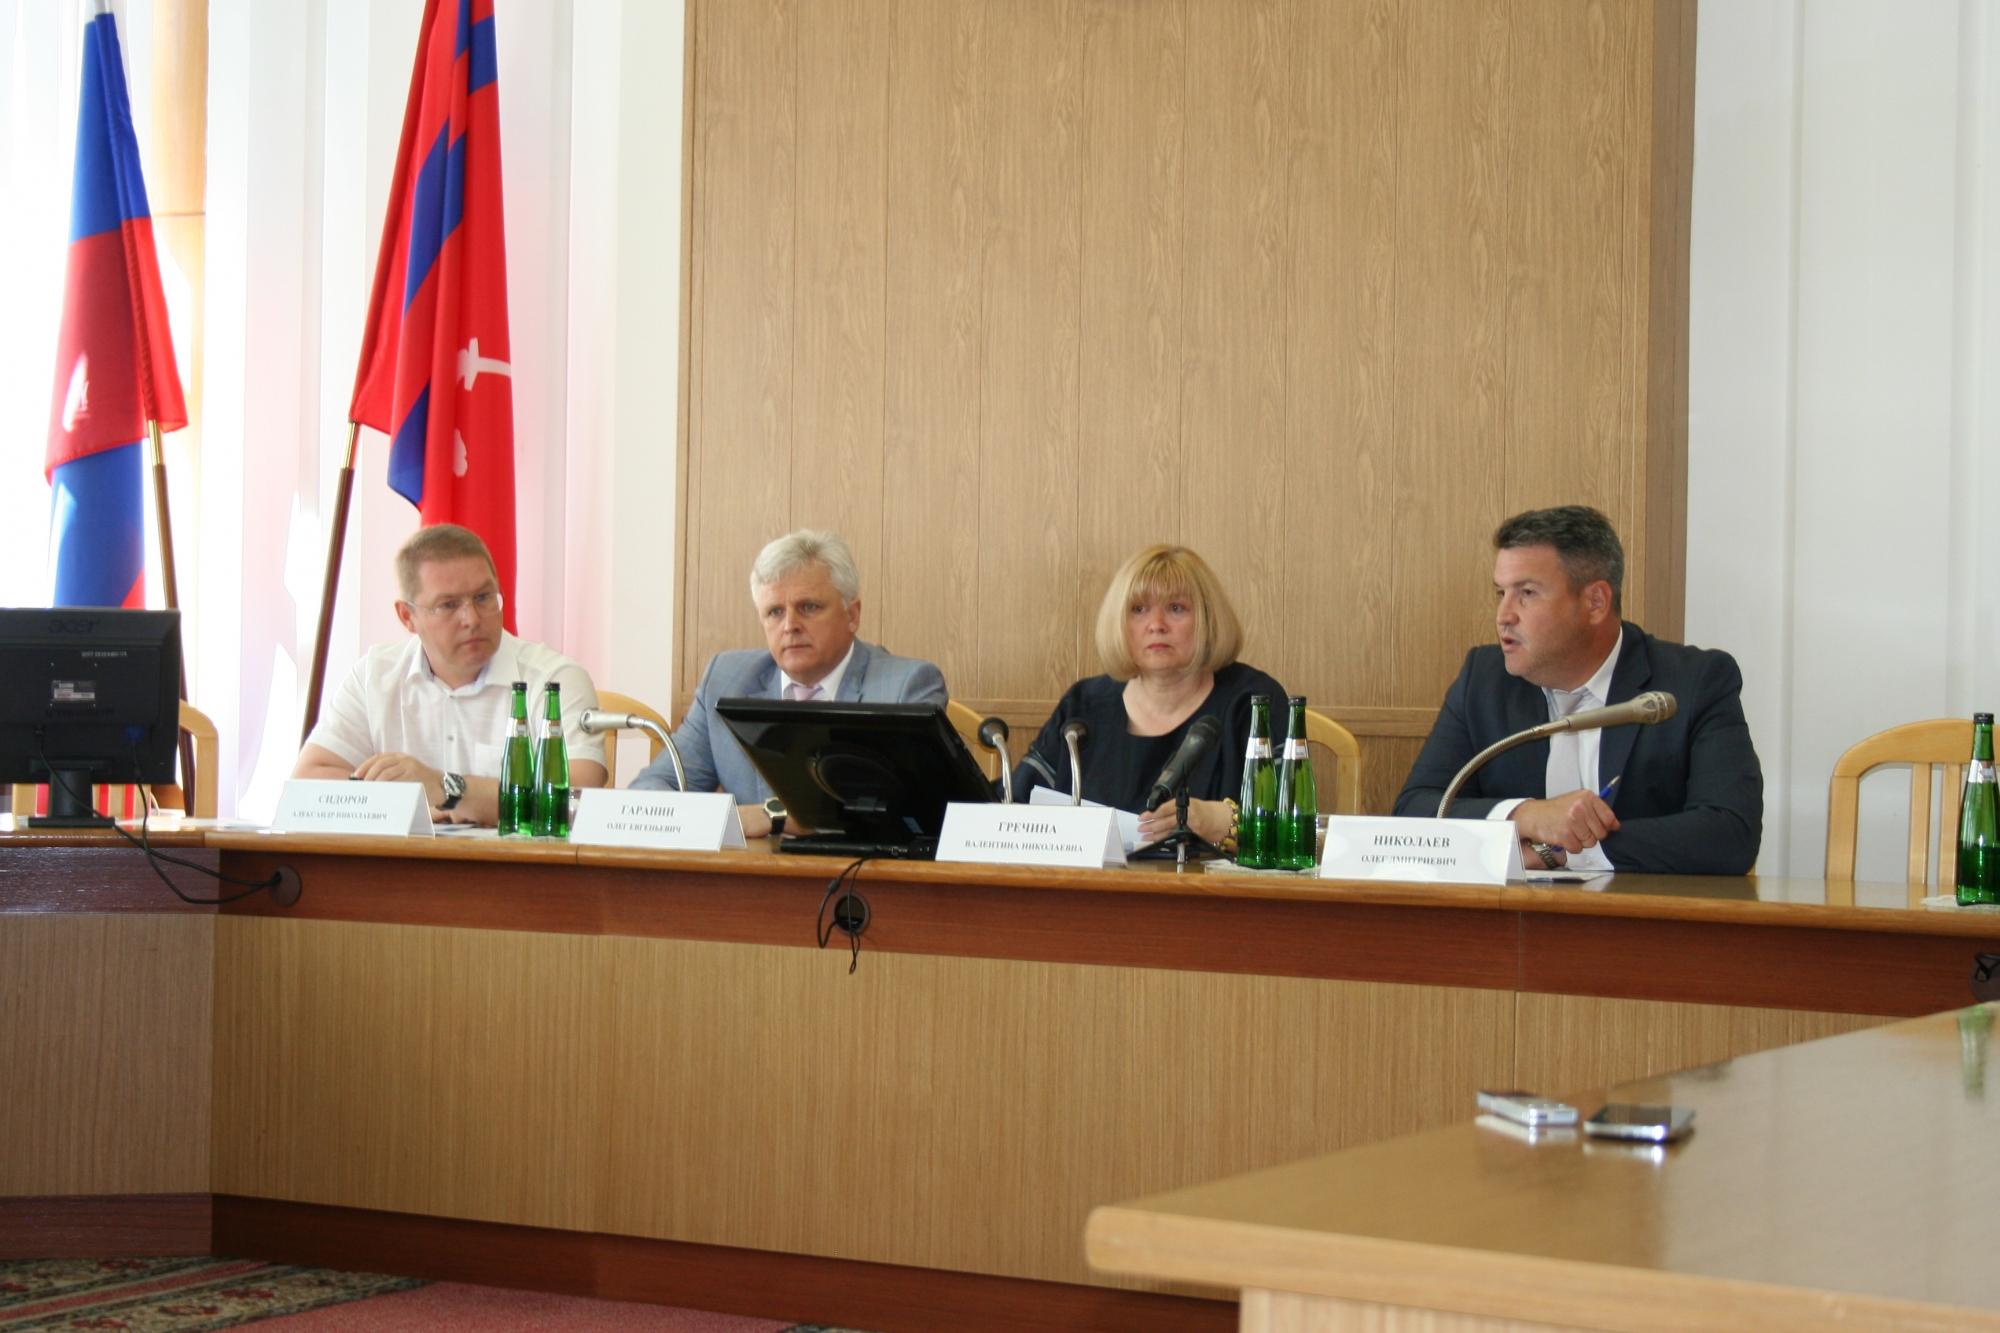 ВВолгоградской области долг загаз уменьшился на6,9%